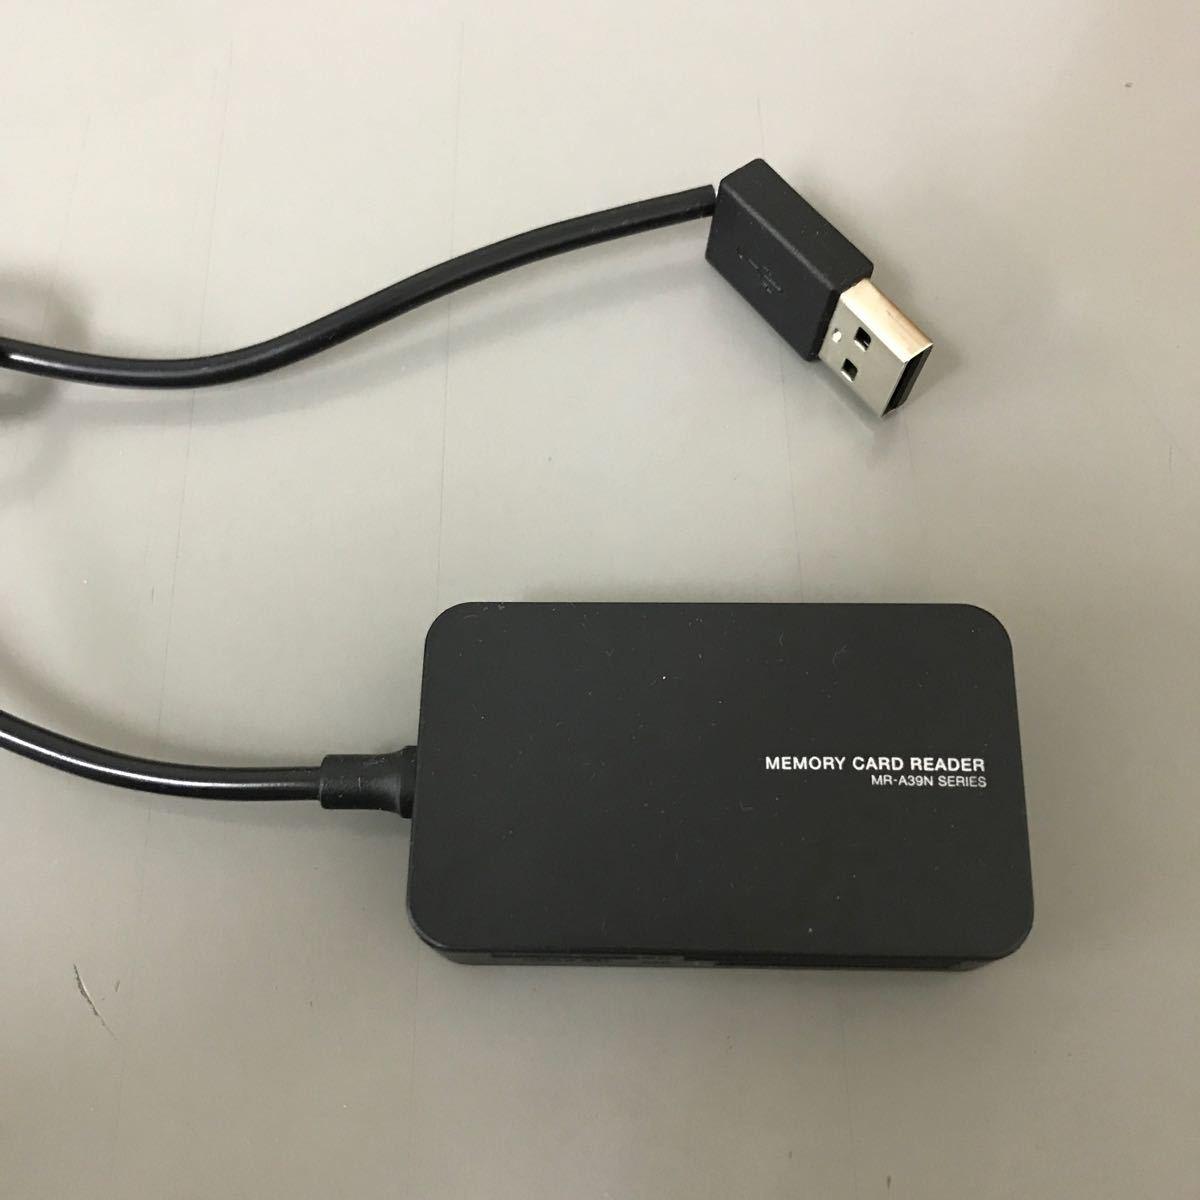 カードリーダー アダプタ SDカード、Micro SDカード読取対応